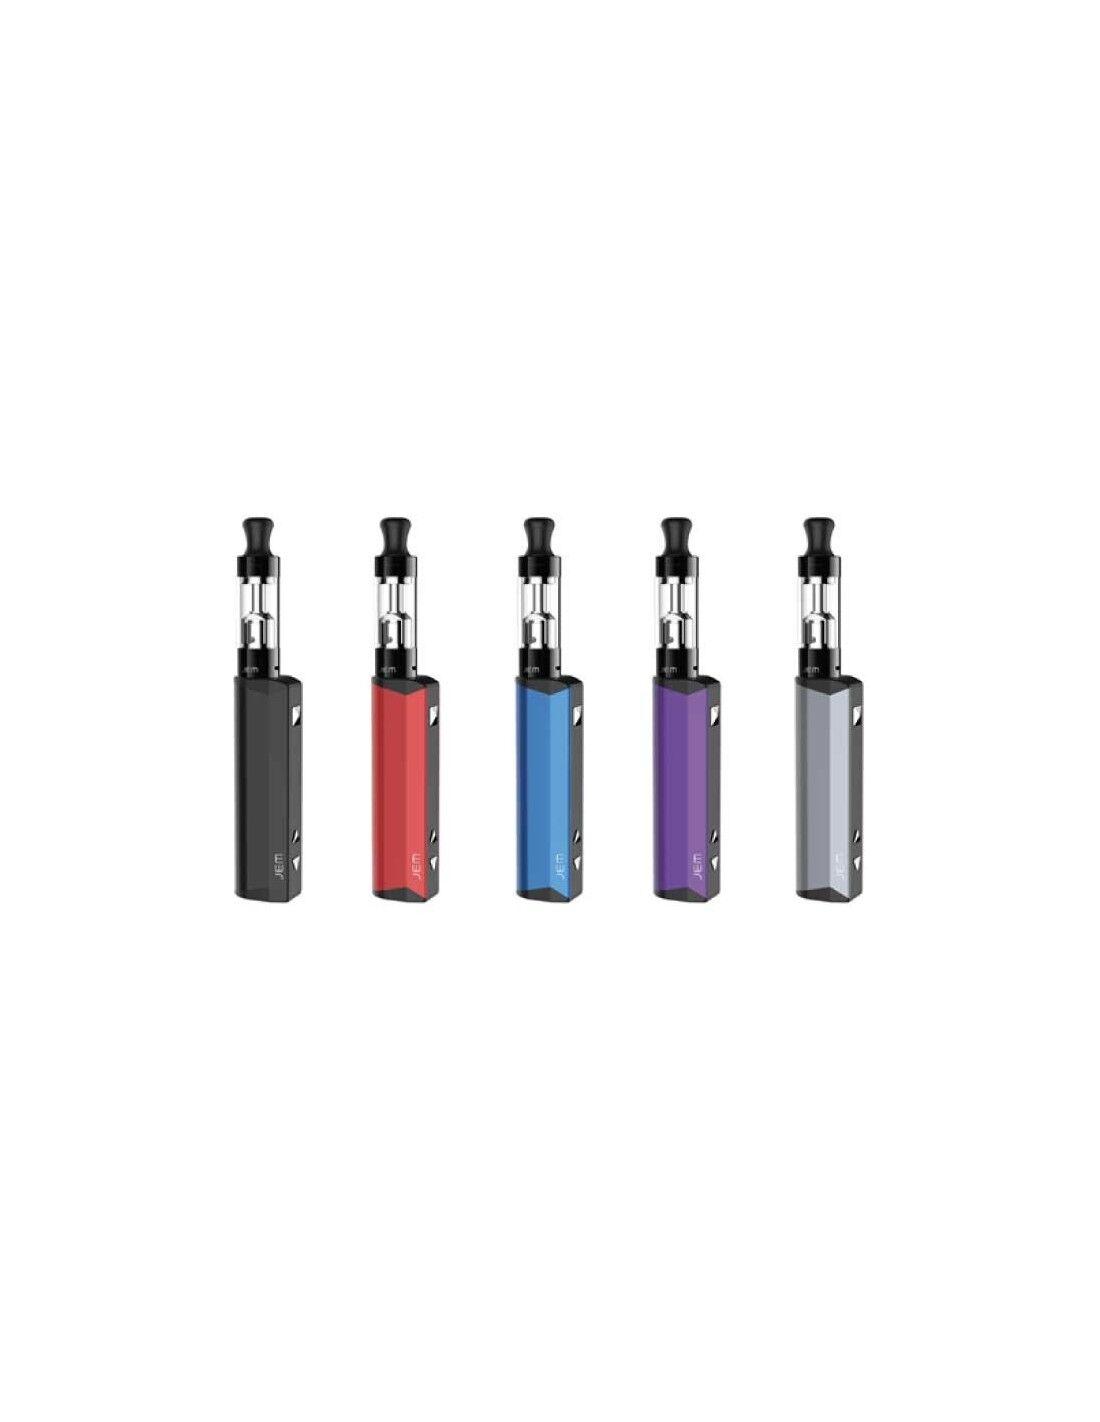 Innokin Kit Jem Sigaretta Elettronica Con Batteria Integrata Da 1000mah E Tank Da 2ml